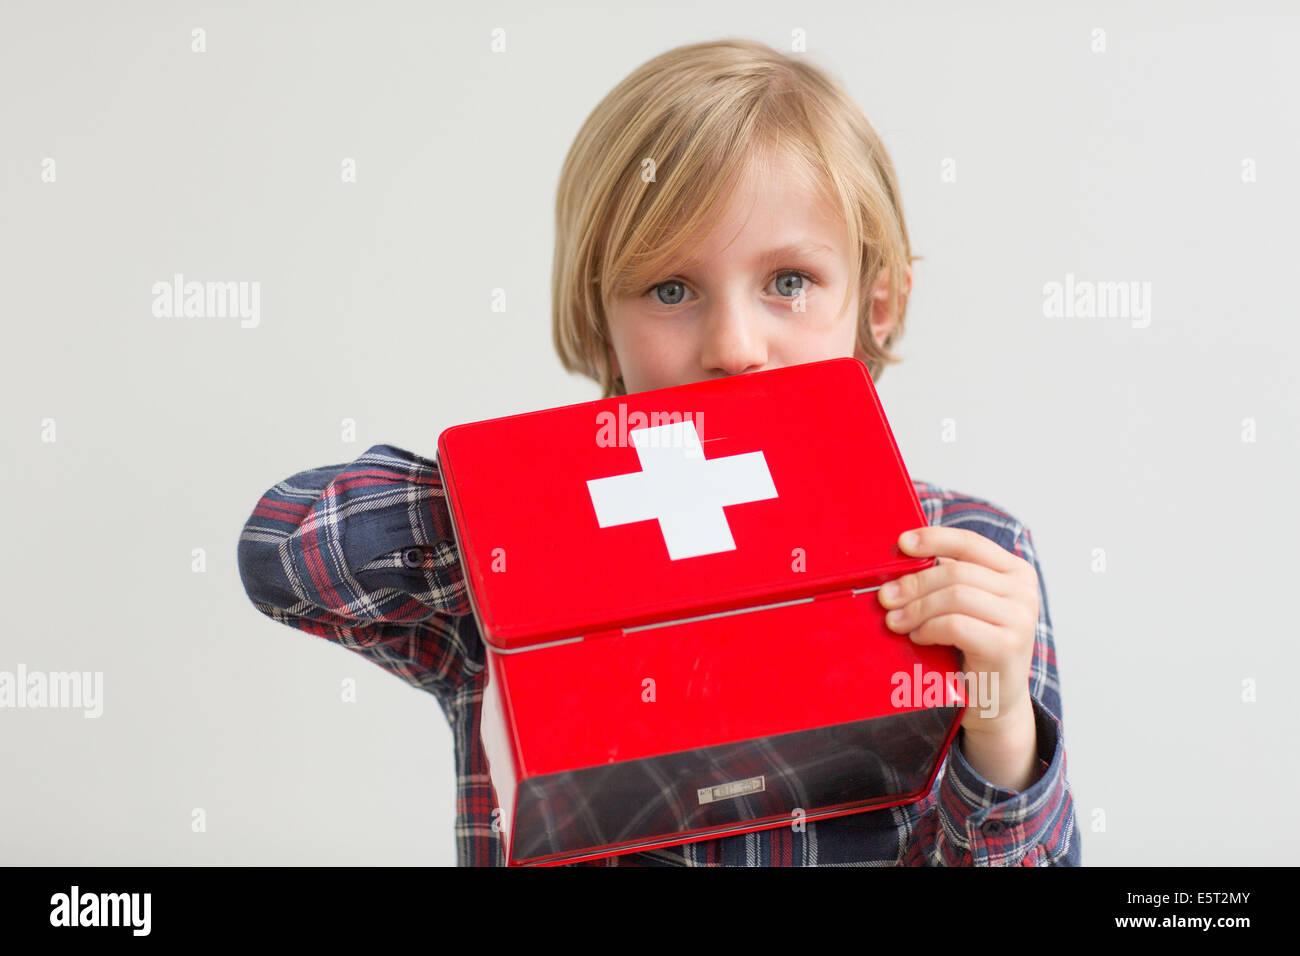 7 Jahre alten Sohn mit Drogen spielen: Vergiftung Gefahr. Stockbild